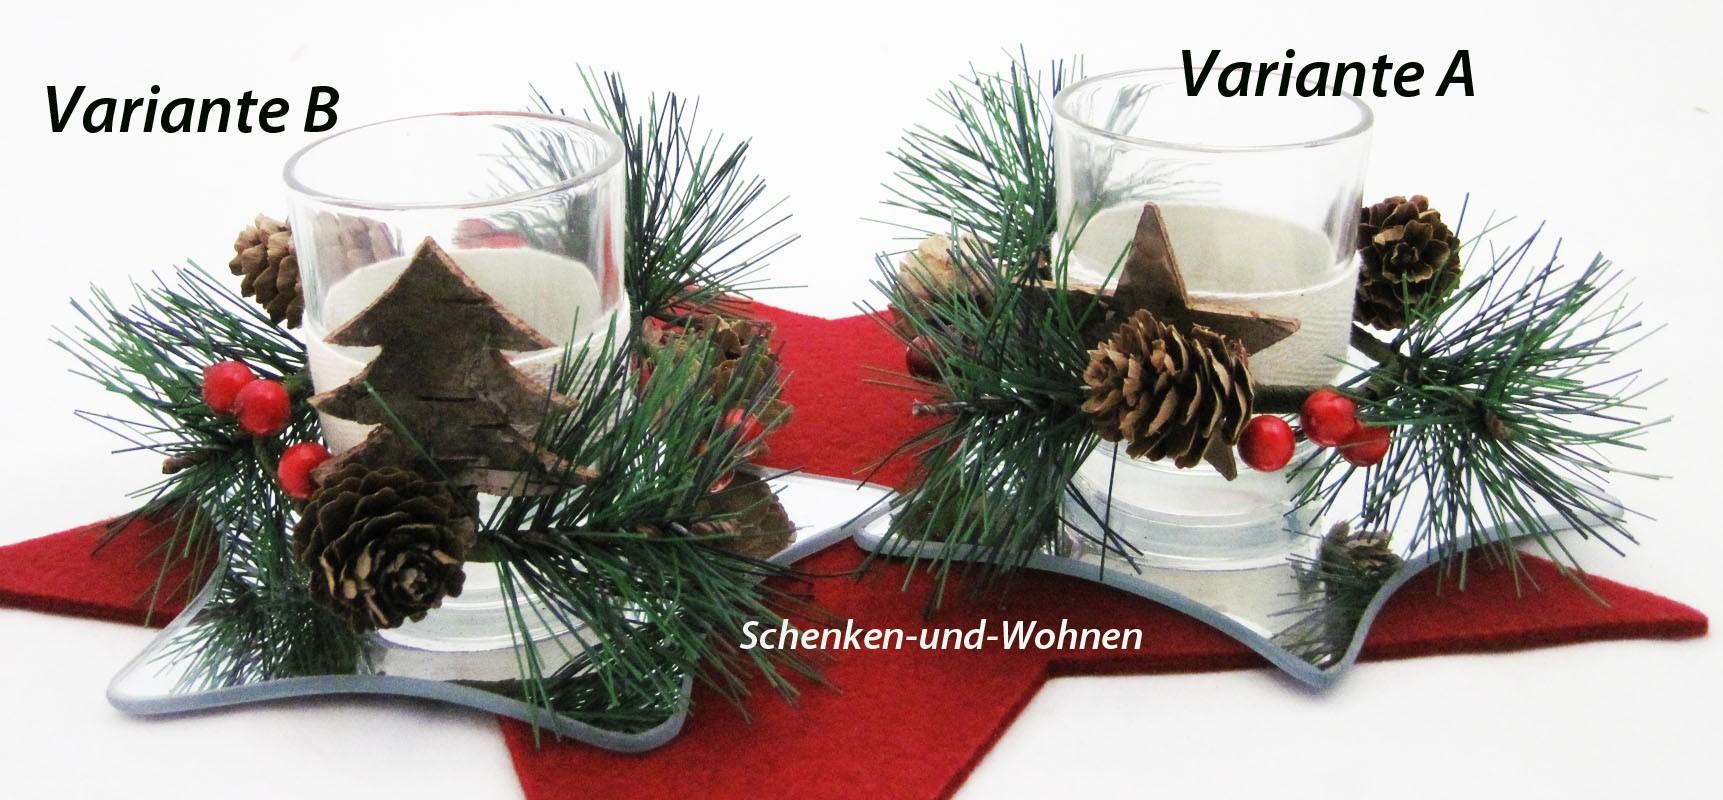 Teelichthalter mit Zapfen und Ilexdekor 2-fach sortiert ca. 14 x 14 x 7 cm